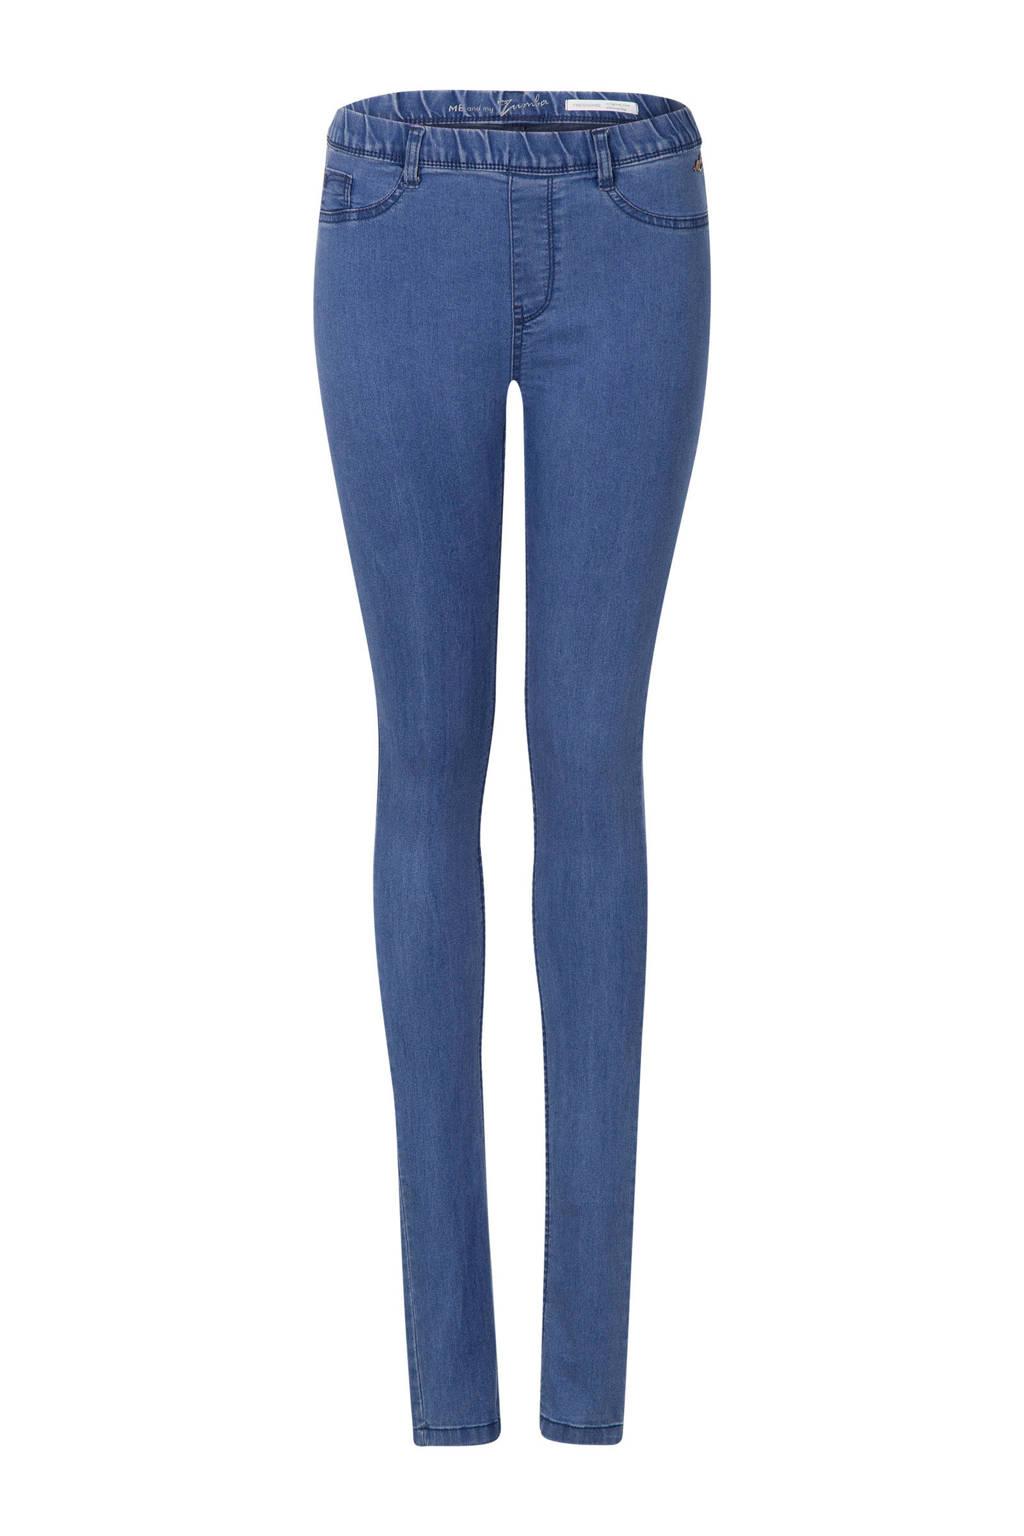 Miss Etam Regulier tregging blauw 36 inch, Blauw